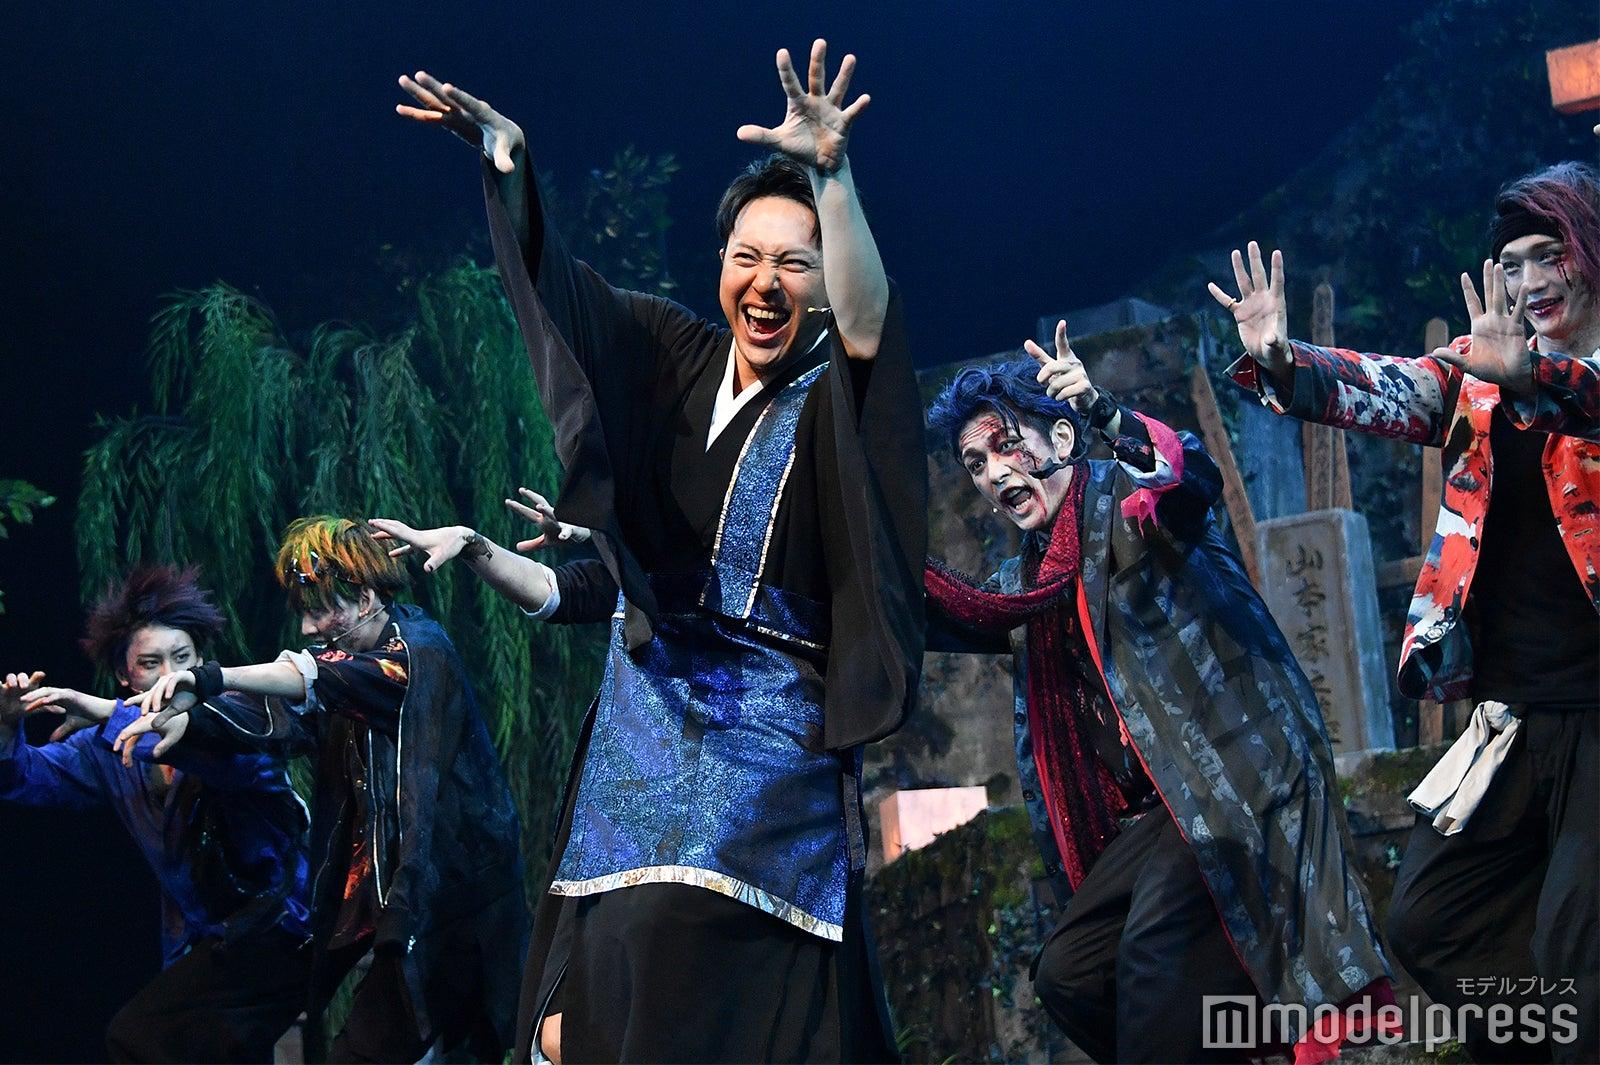 三代目JSB山下健二郎、イケメンゾンビ従えダンス!\u201cここが面白い